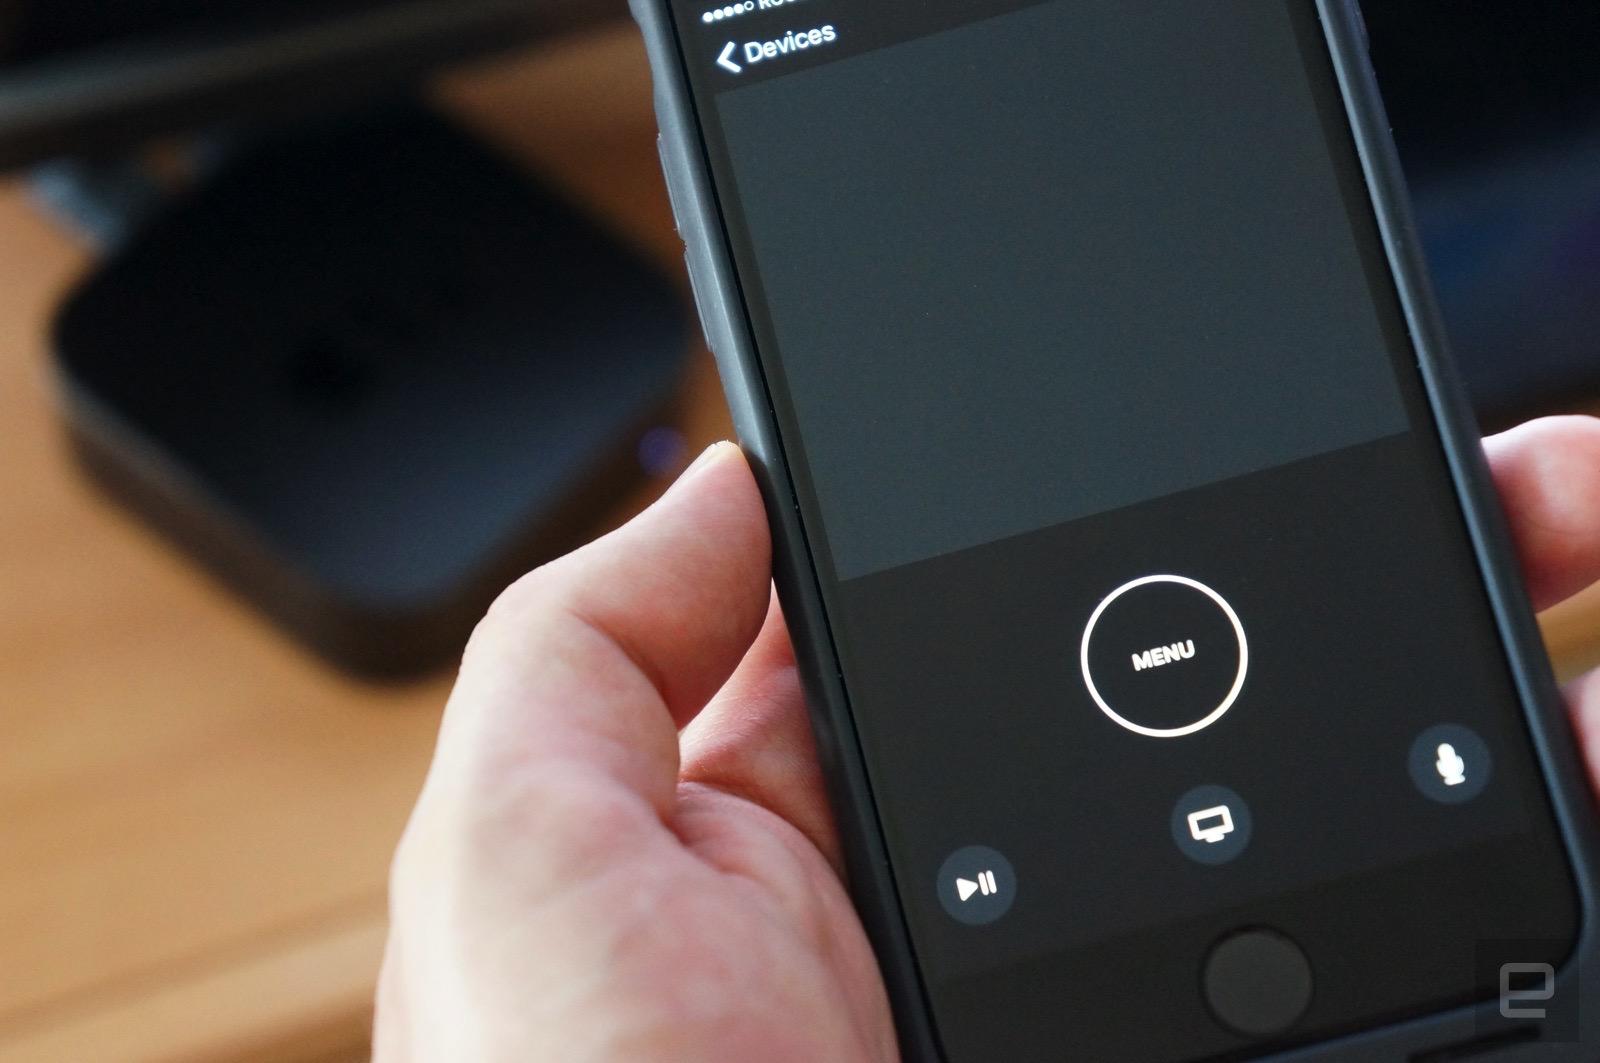 Apple TV Remote convierte tu móvil en un control remoto